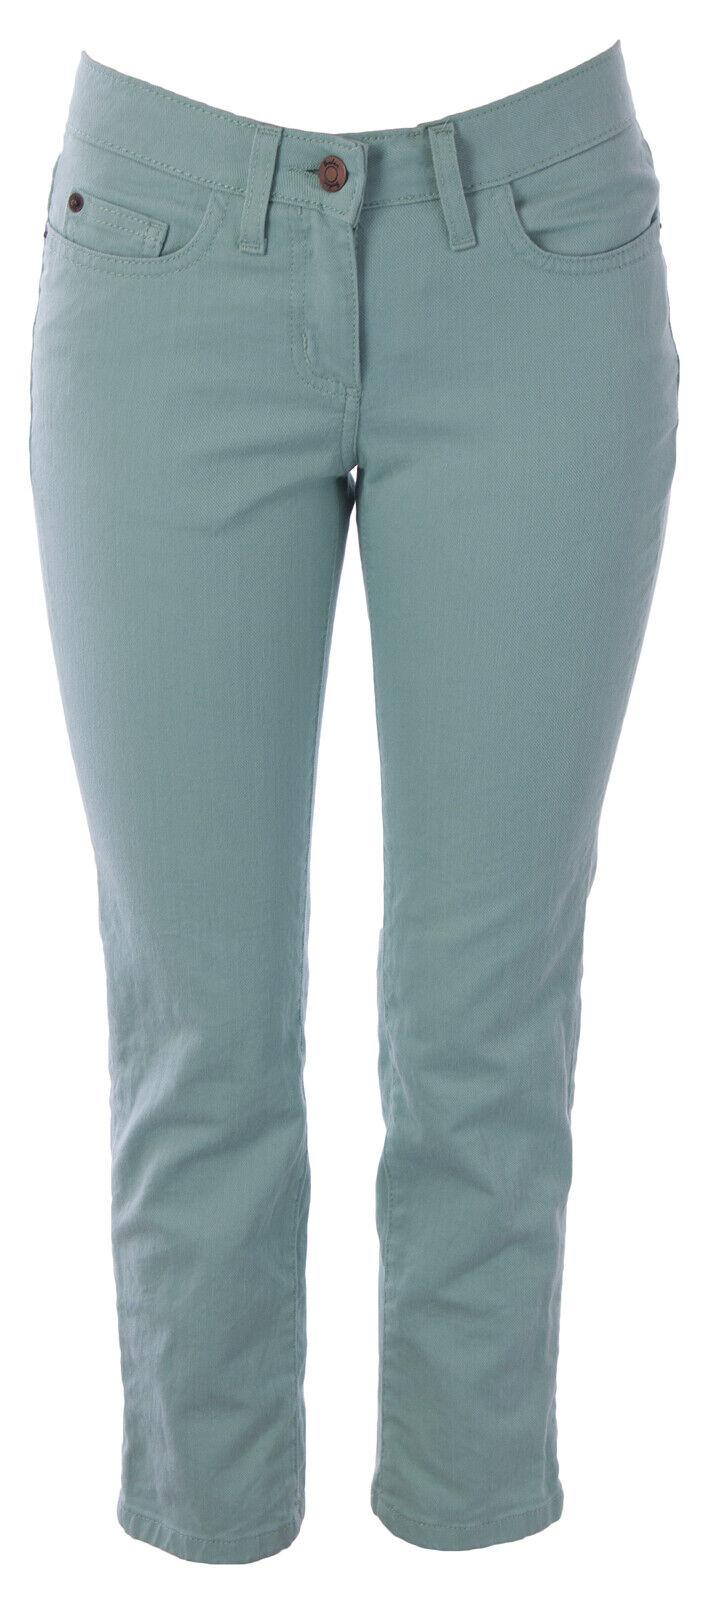 Boden Donna Melata Caviglia Snapper Jeans Wc095 USA Taglie